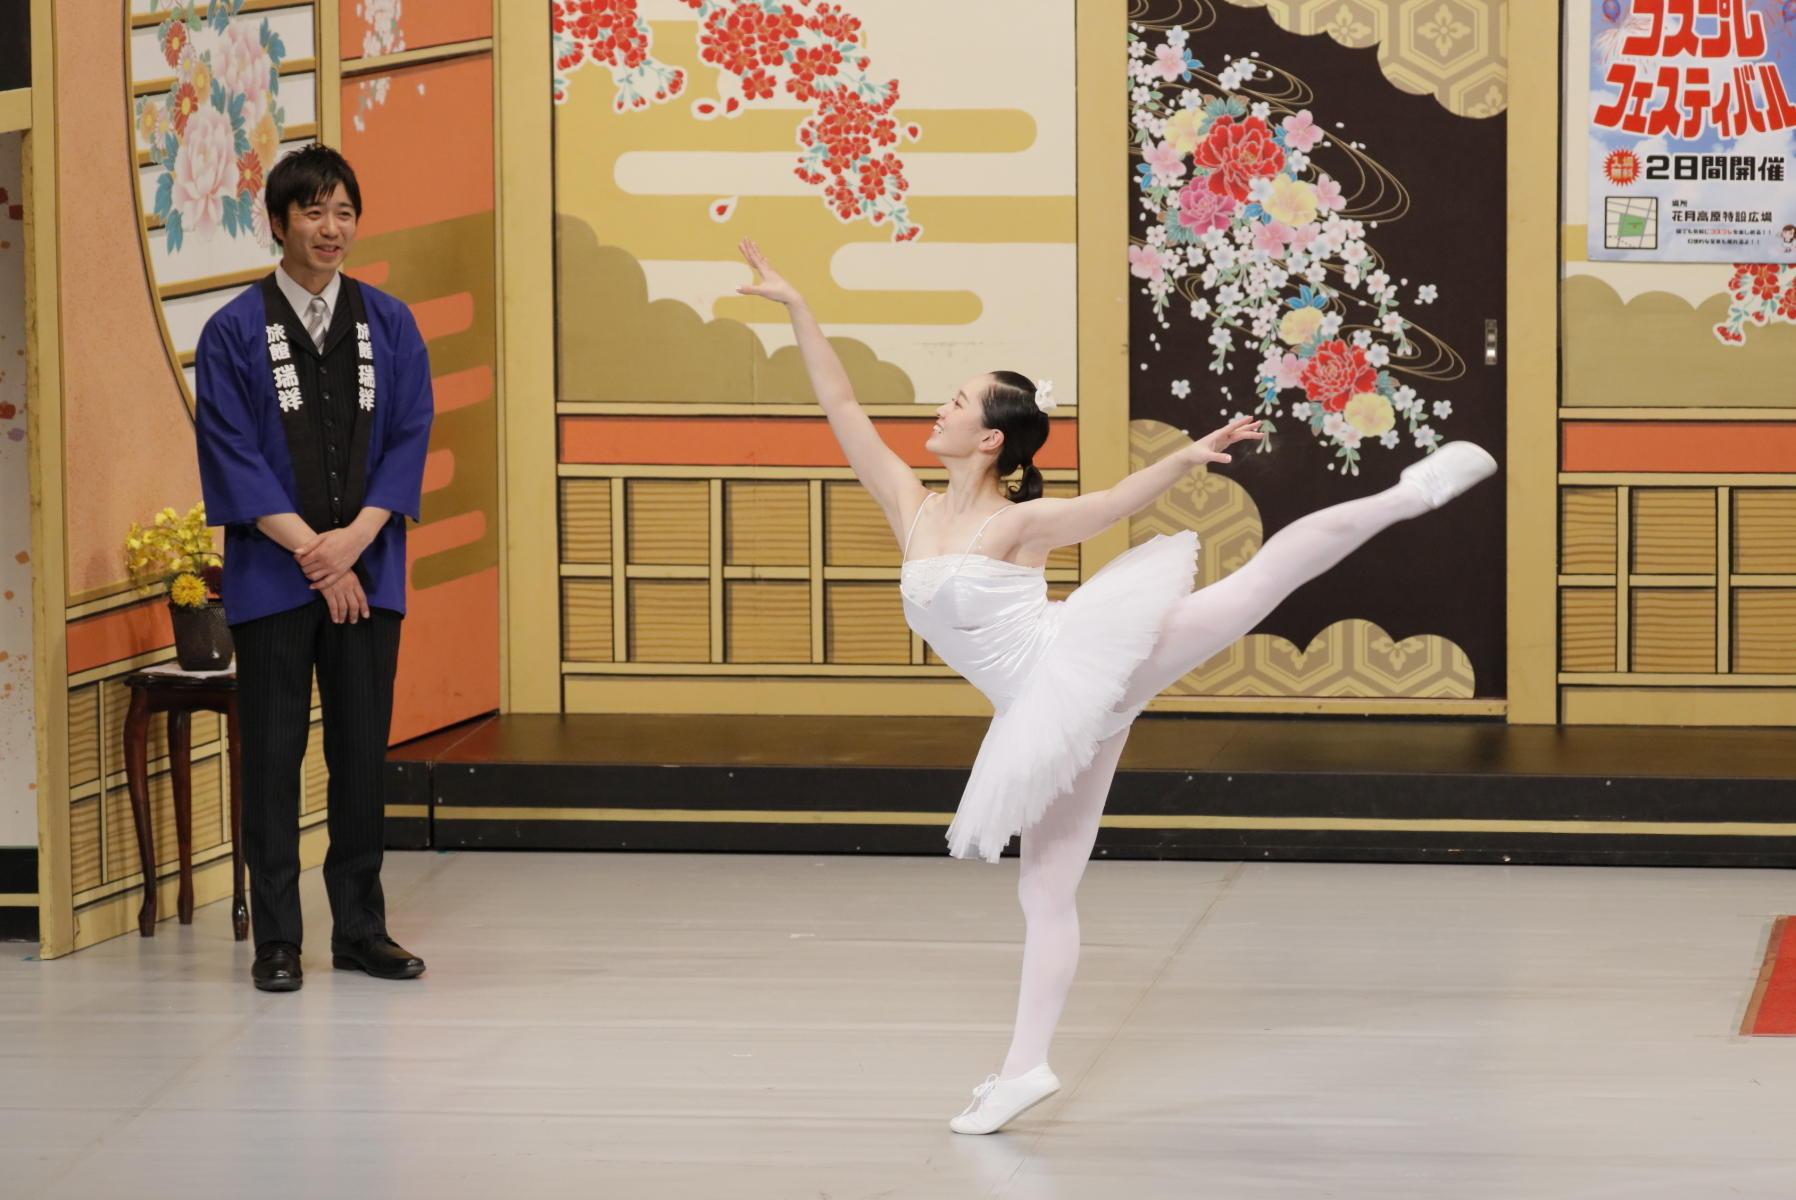 http://news.yoshimoto.co.jp/20180311221802-3d496b14bb3bb8c394c3e288508d5bb87f9ce58e.jpg